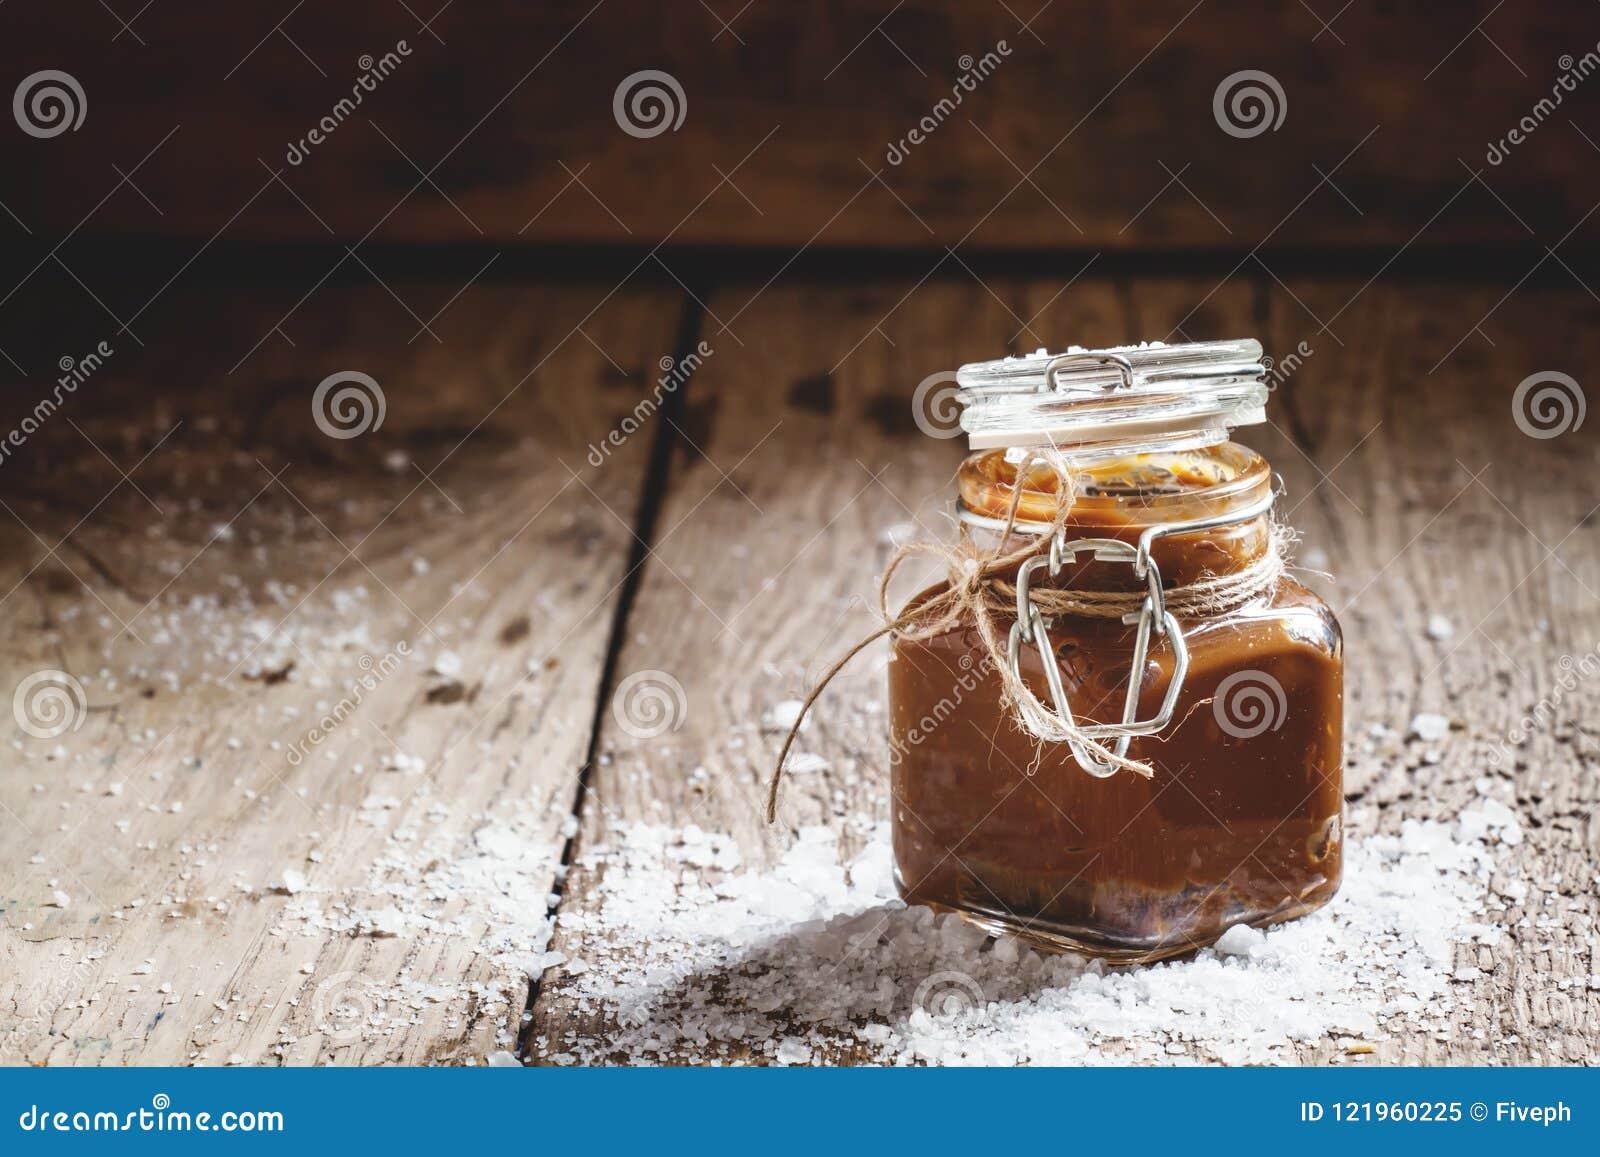 Caramello salato casalingo in un barattolo di vetro con un coperchio, sal spruzzato